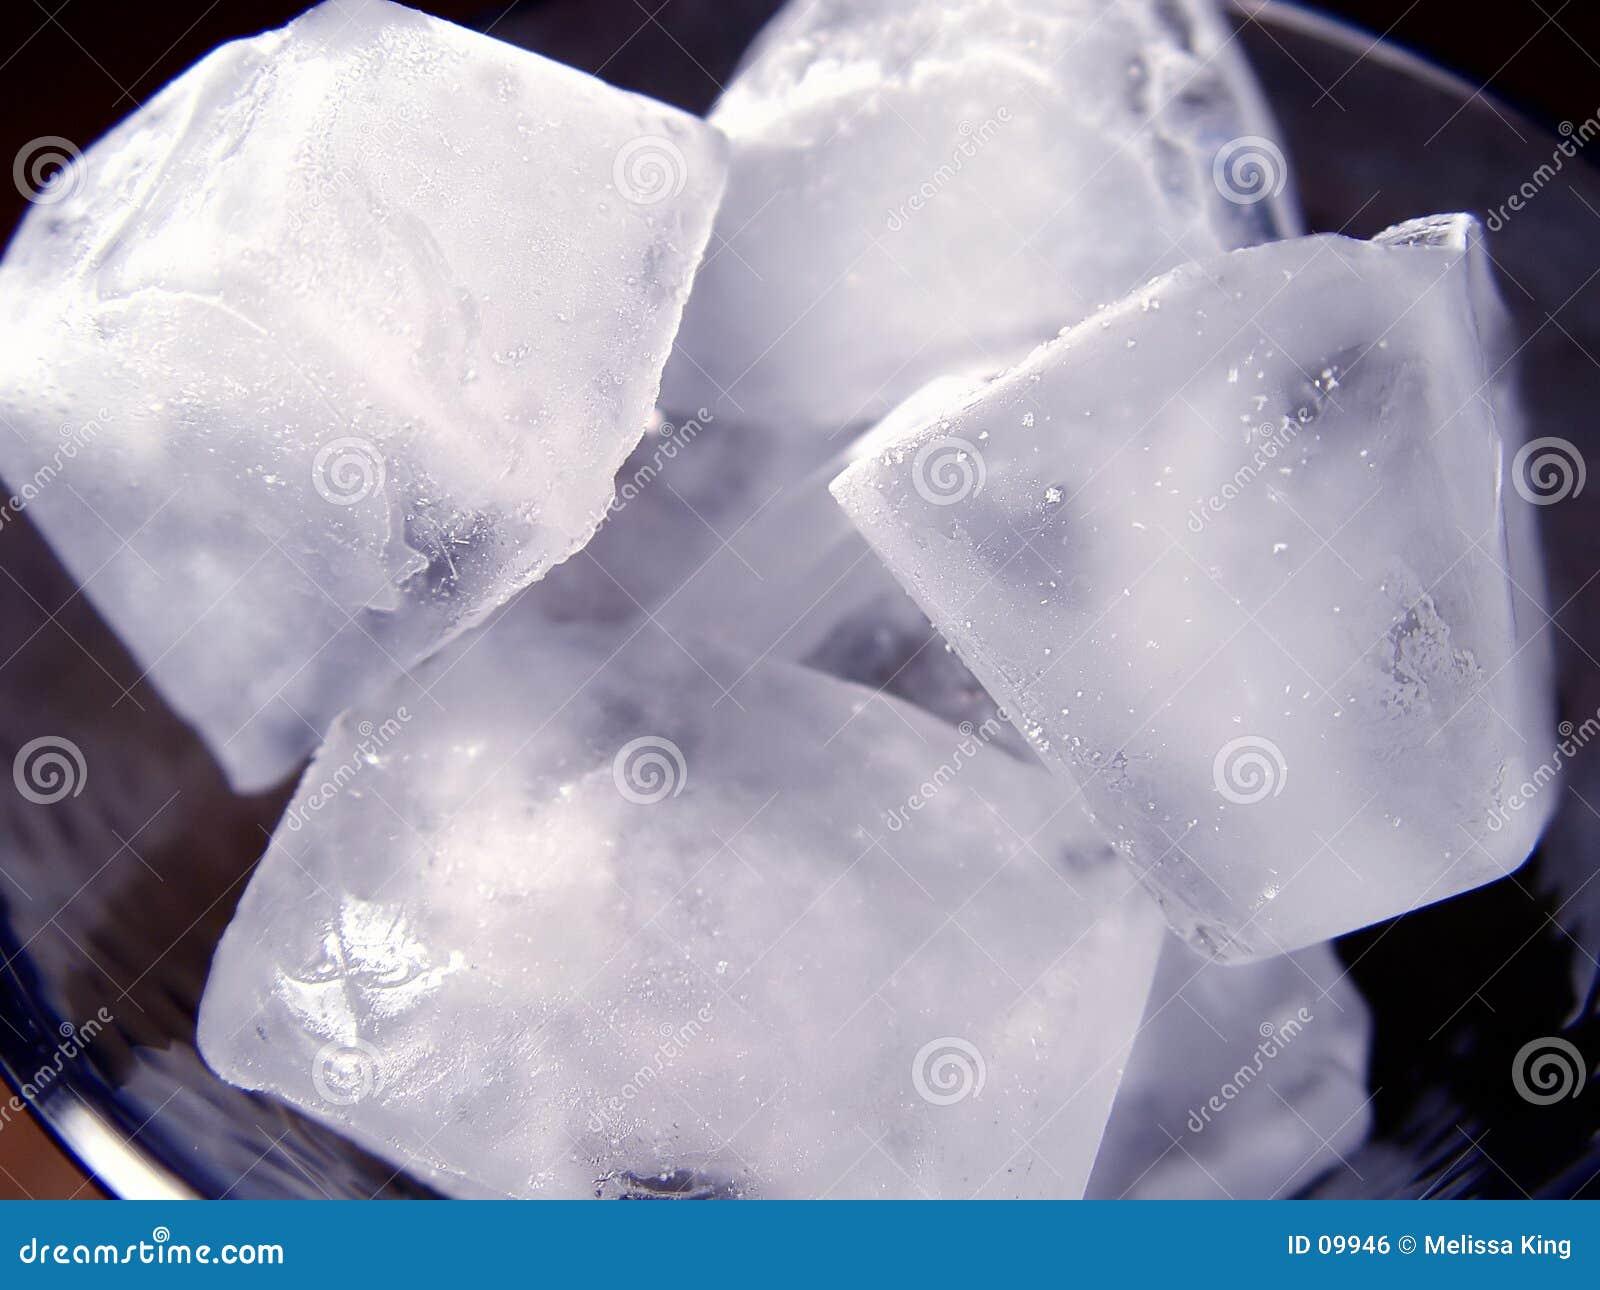 Closeup of Ice Cubes